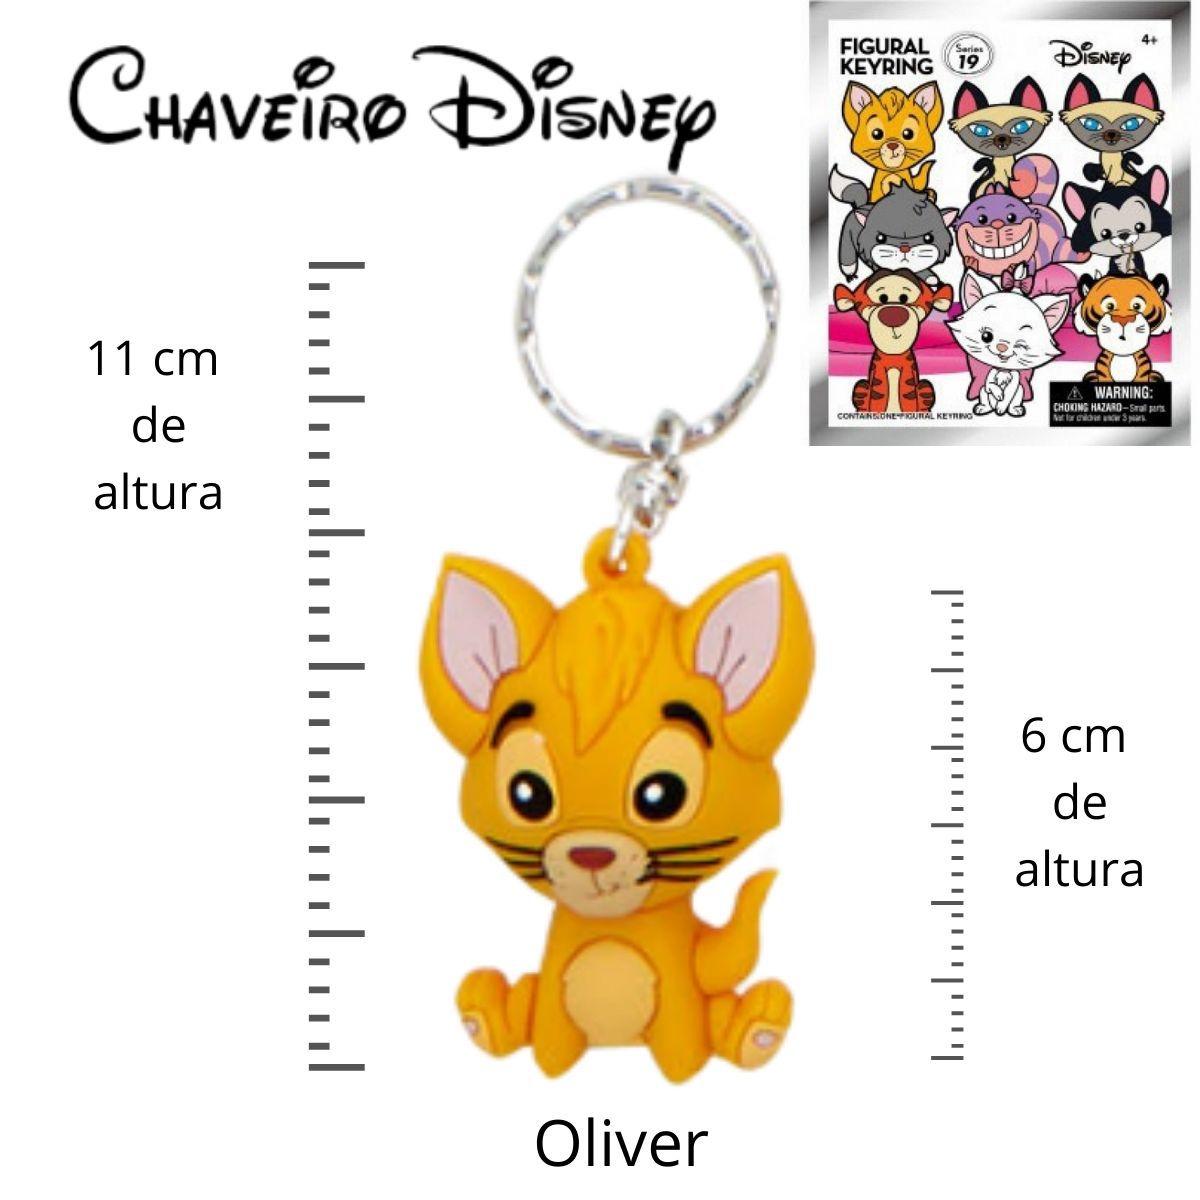 Chaveiro Disney Oliver do Filme Oliver e Sua Turma  - Game Land Brinquedos